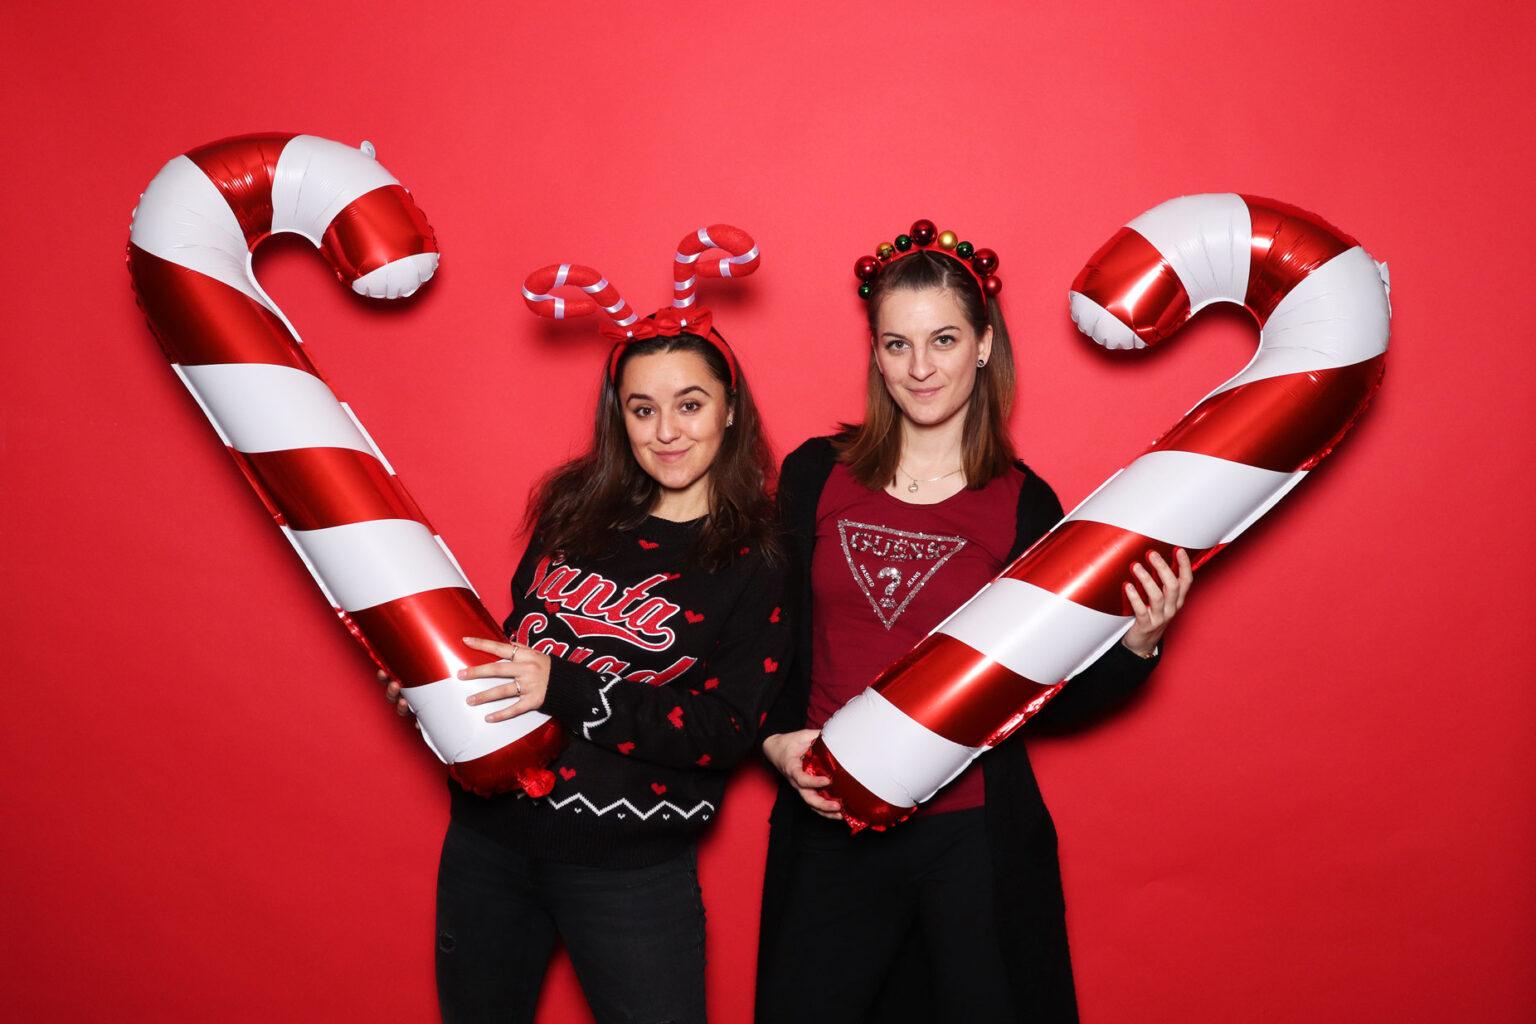 Vianočný event - fotobúdka prenájom - fotokútik Žilina.